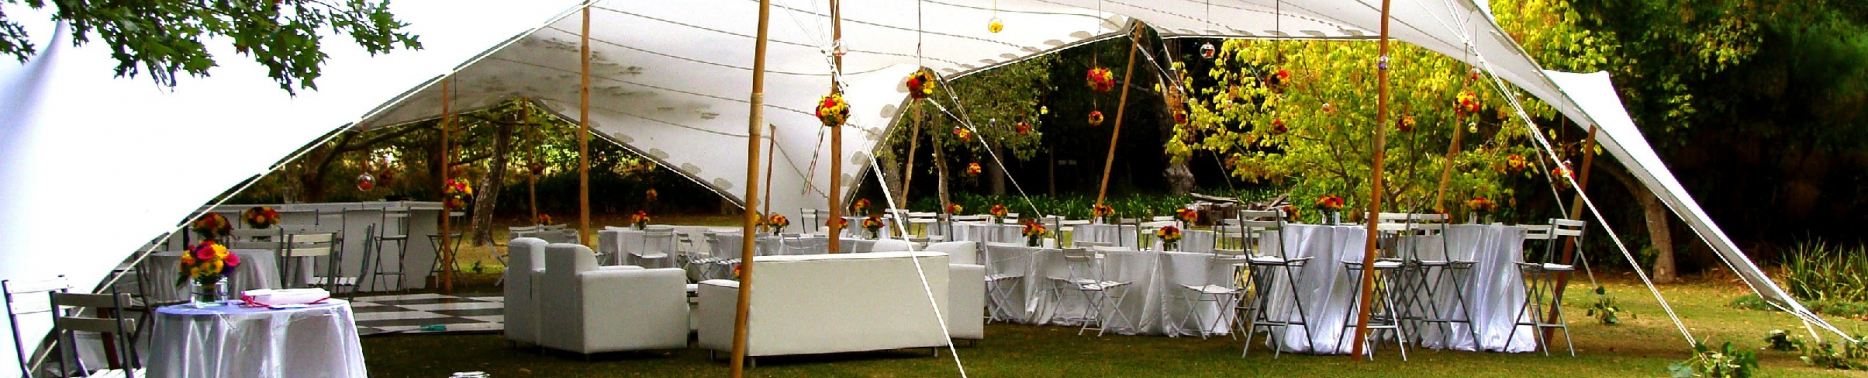 Tentickle-Hochzeit-4_klein-e1532606092446